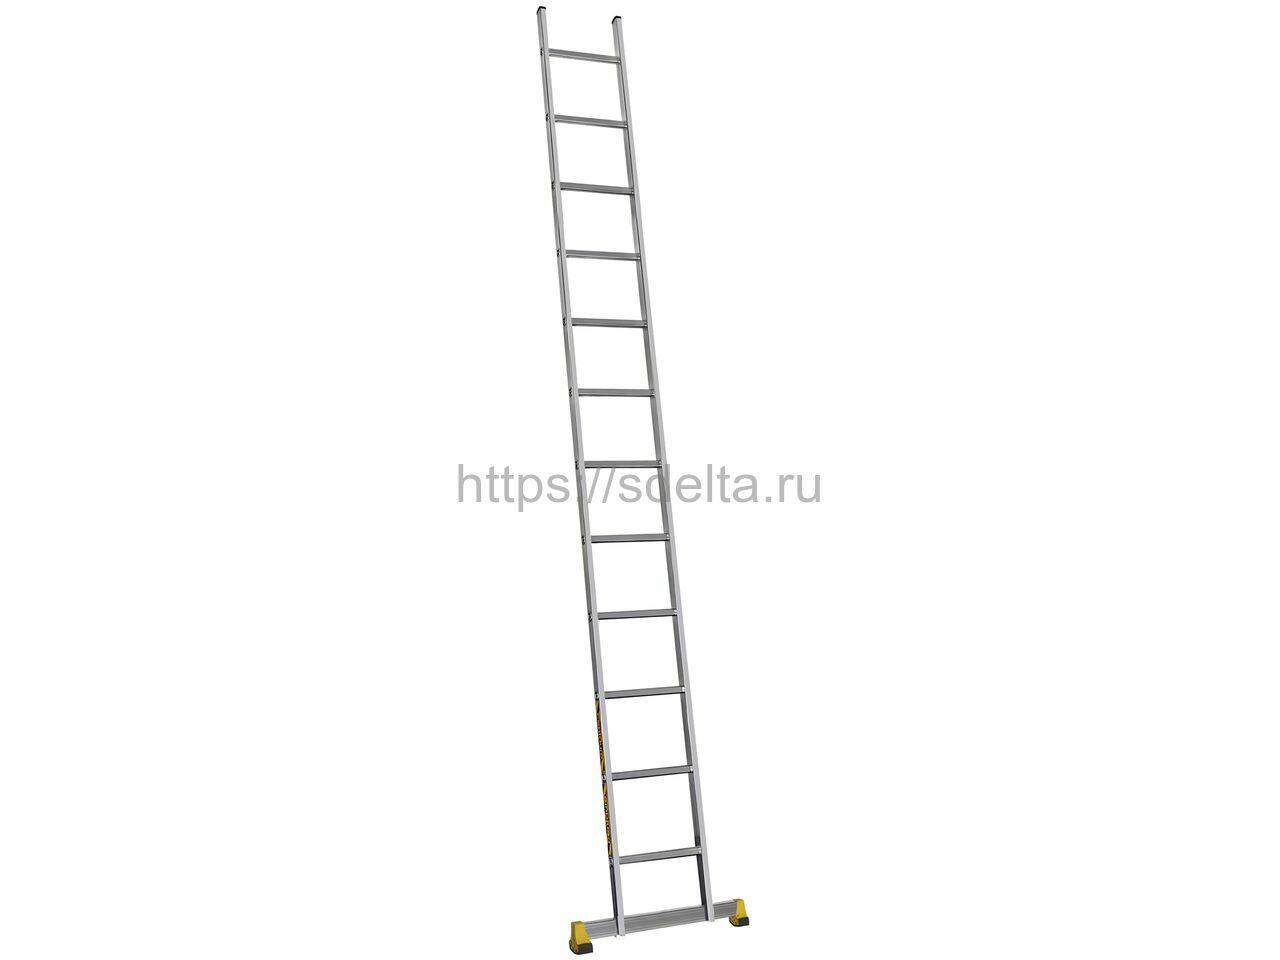 Односекционная алюминиевая лестница Centaure S 1х12 (510112)